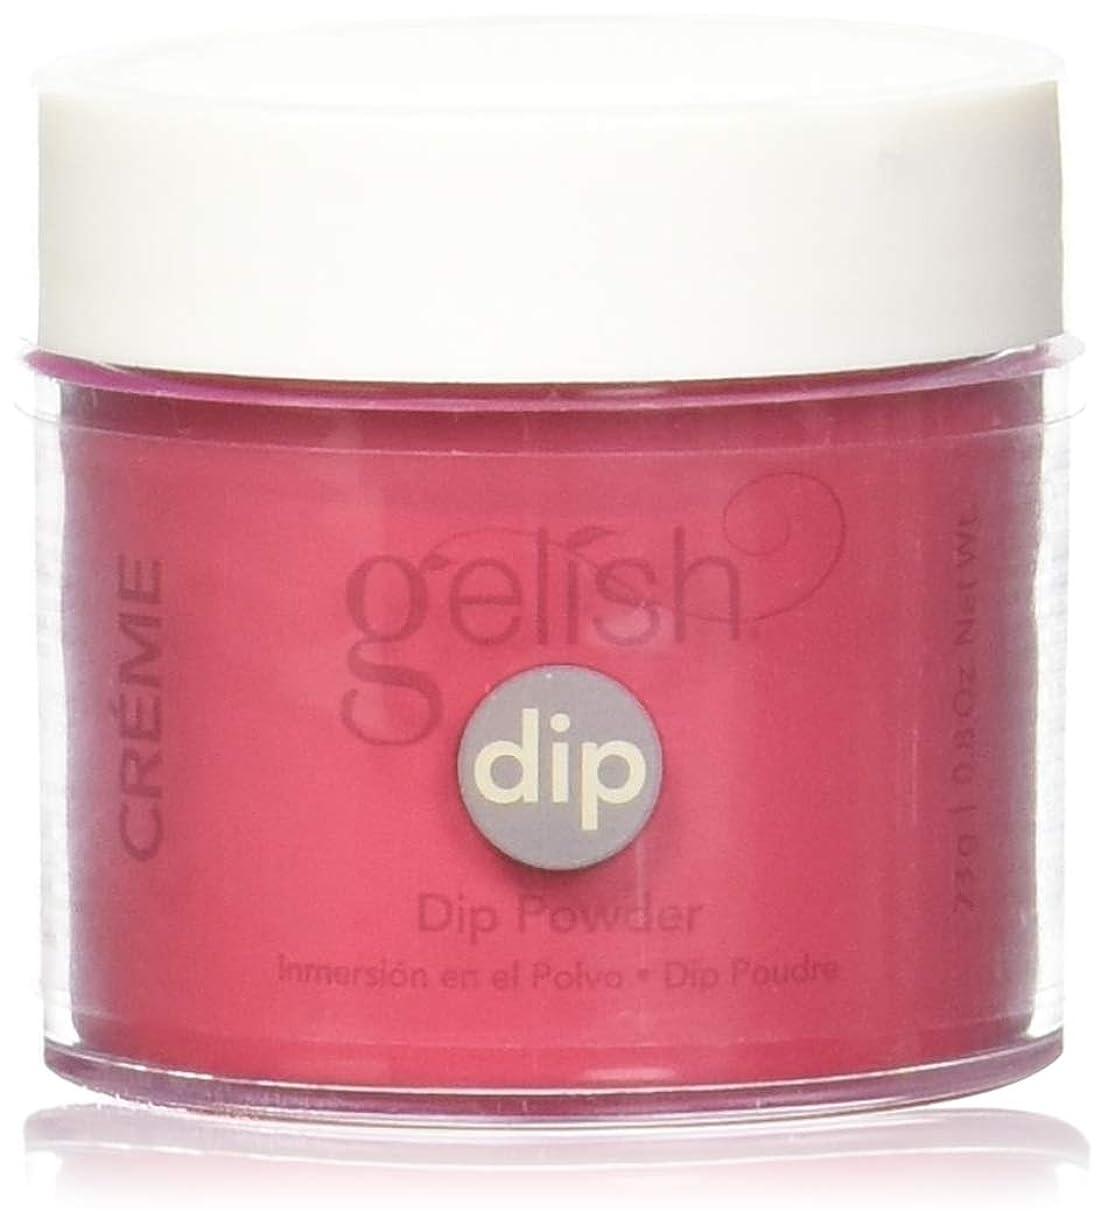 スタジオ不機嫌そうなまた明日ねHarmony Gelish - Acrylic Dip Powder - Hot Rod Red - 23g / 0.8oz